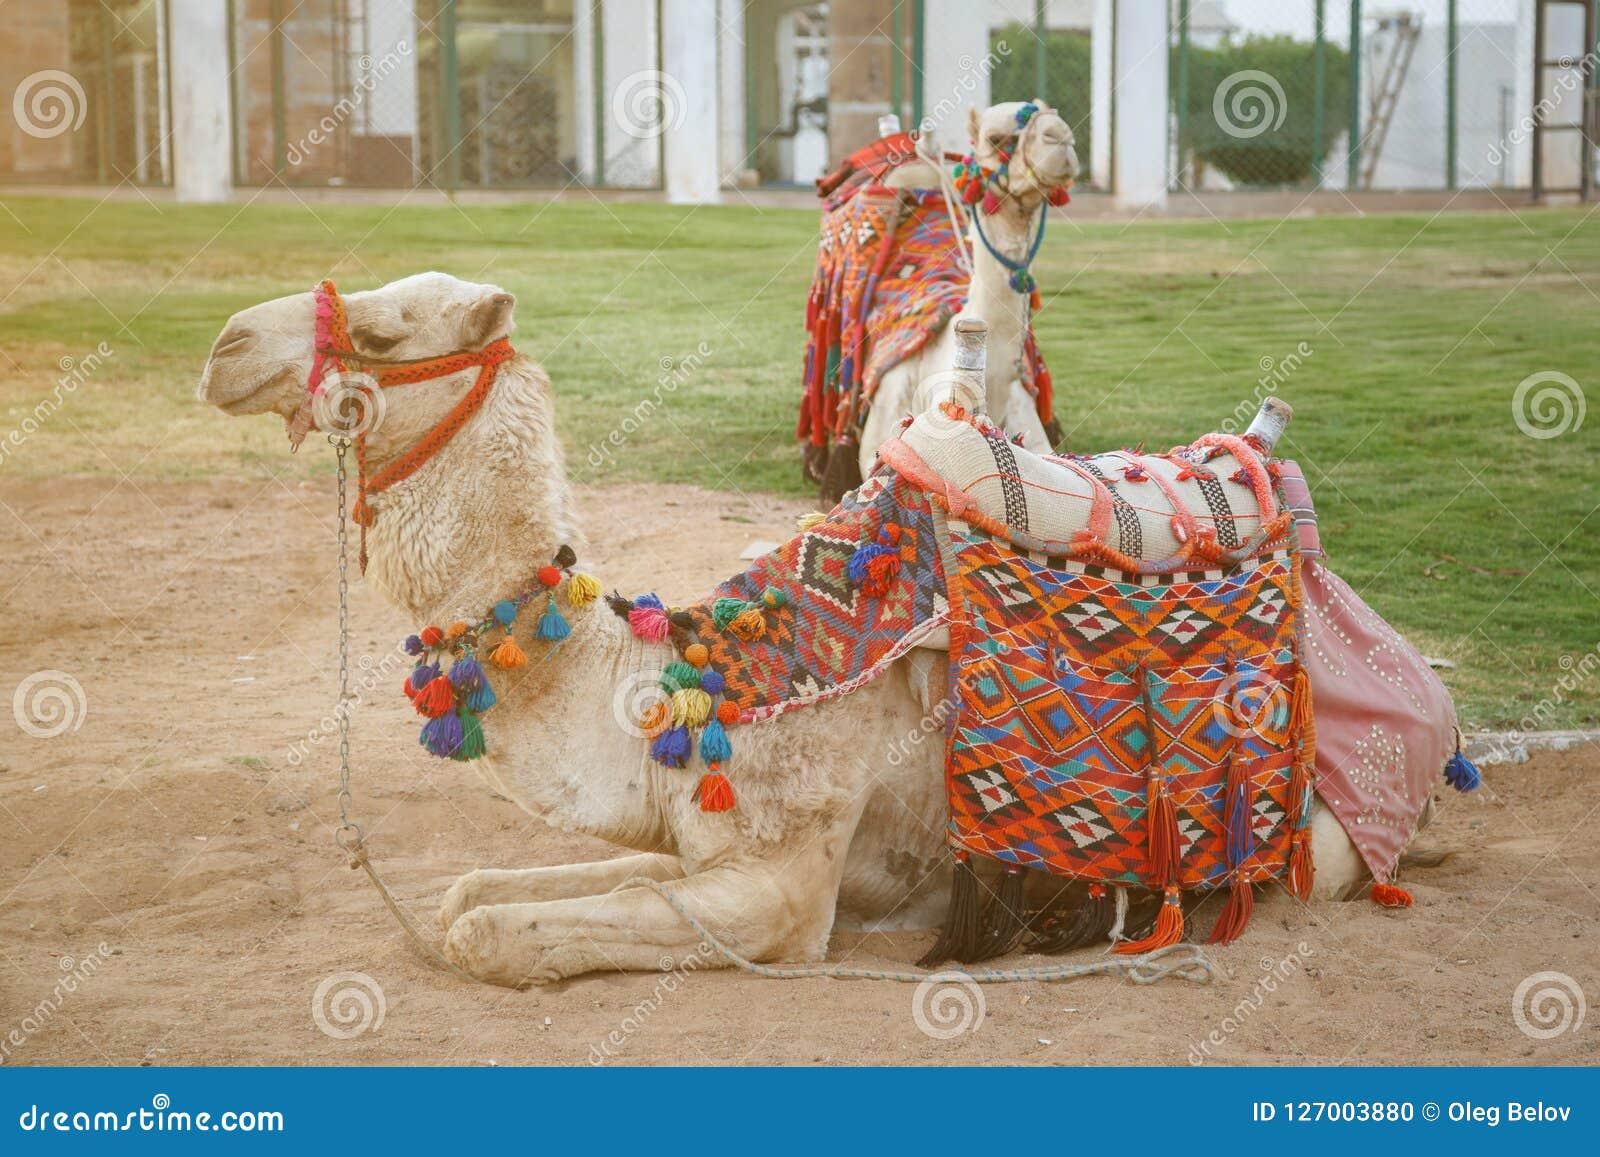 Το ζευγάρι των καμηλών με τις όμορφες πολύχρωμες σέλες βρίσκεται στην άμμο σε μια από τις πόλεις της Αιγύπτου